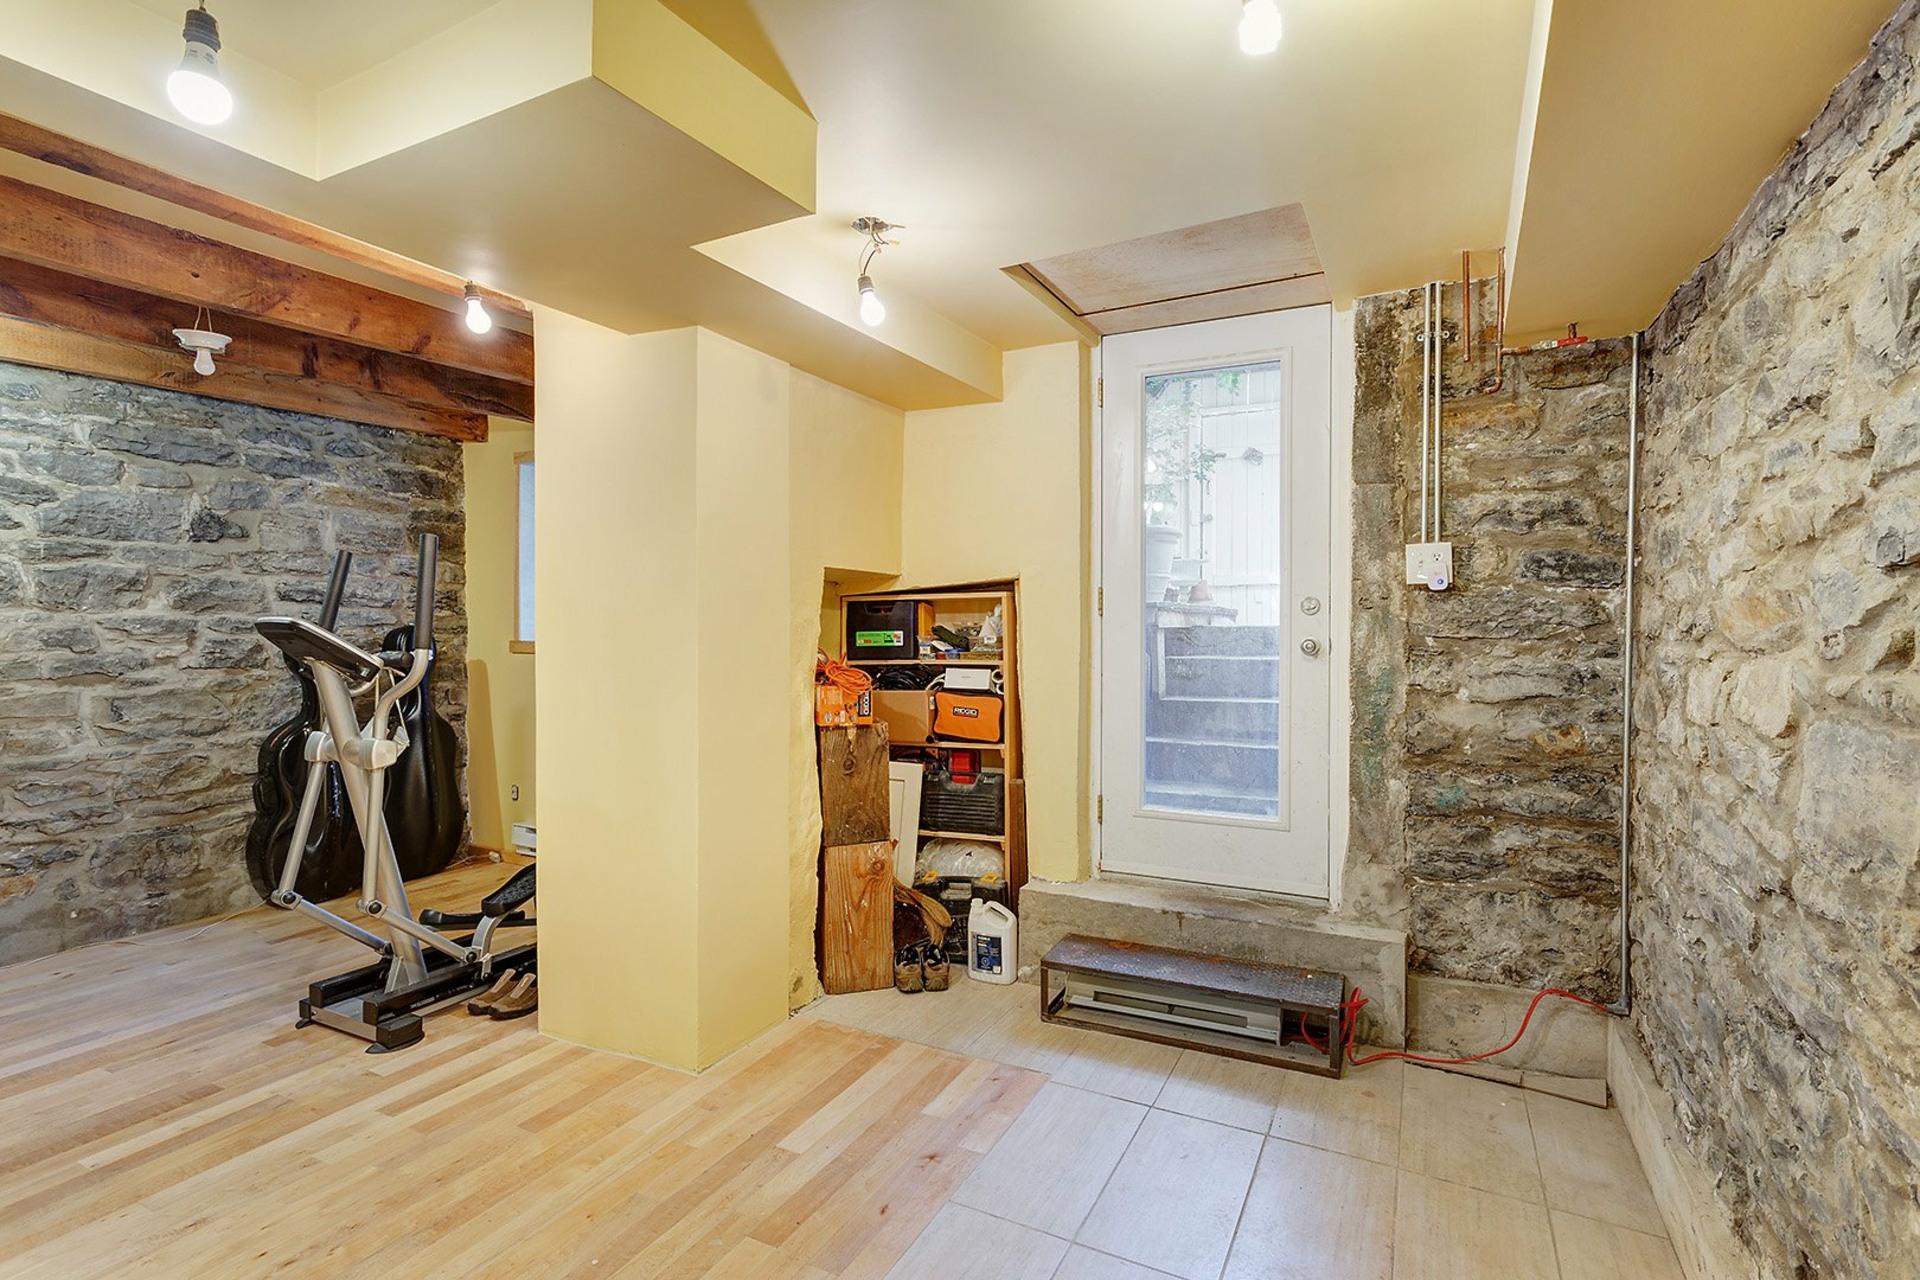 image 37 - Maison À vendre Le Plateau-Mont-Royal Montréal  - 14 pièces